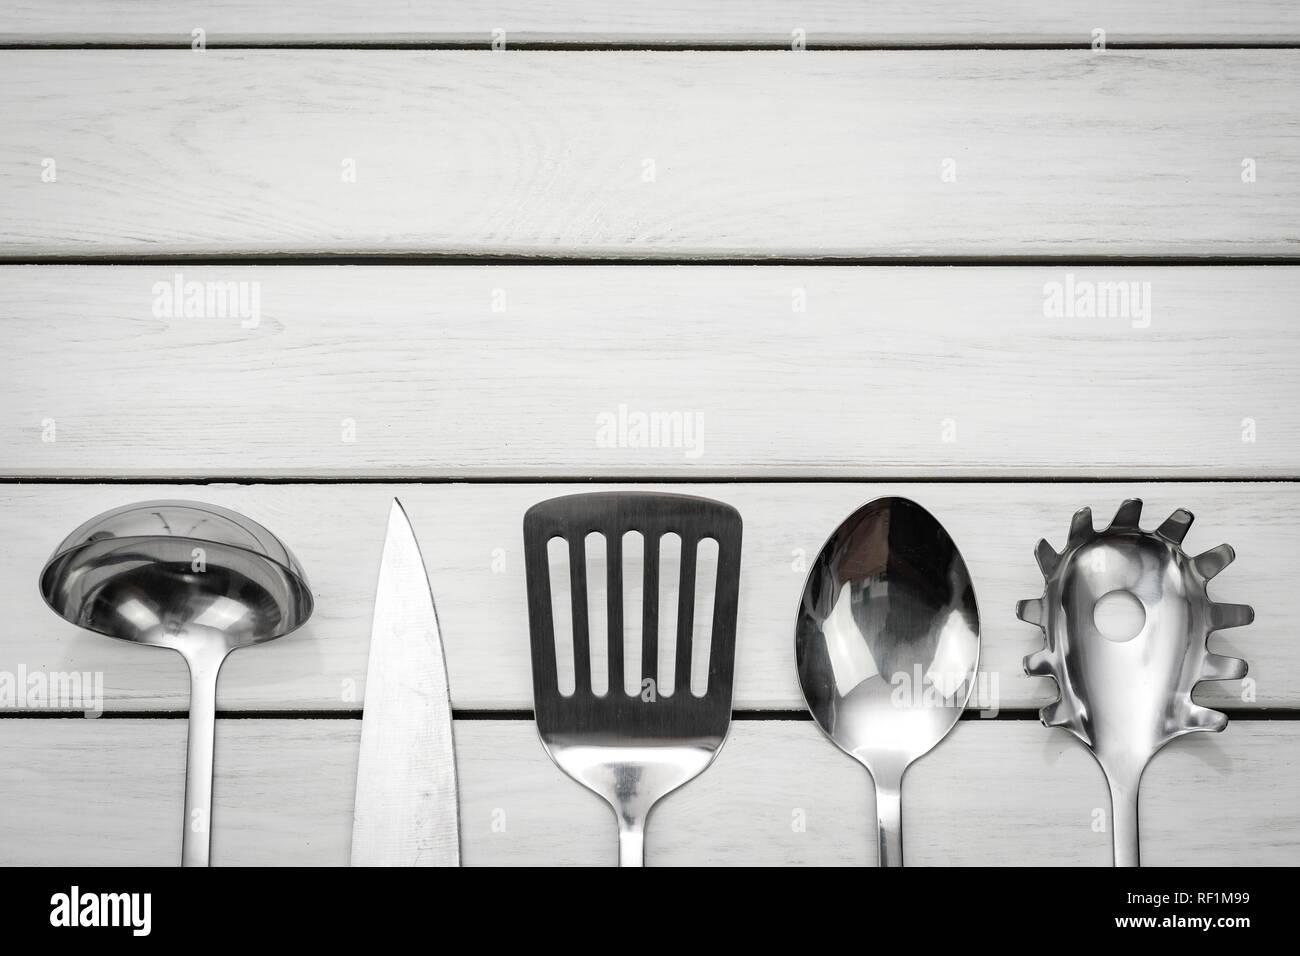 Ansicht von oben eine silberne Küchengeräte Collection auf einem Holztisch mit kopieren. Stockbild